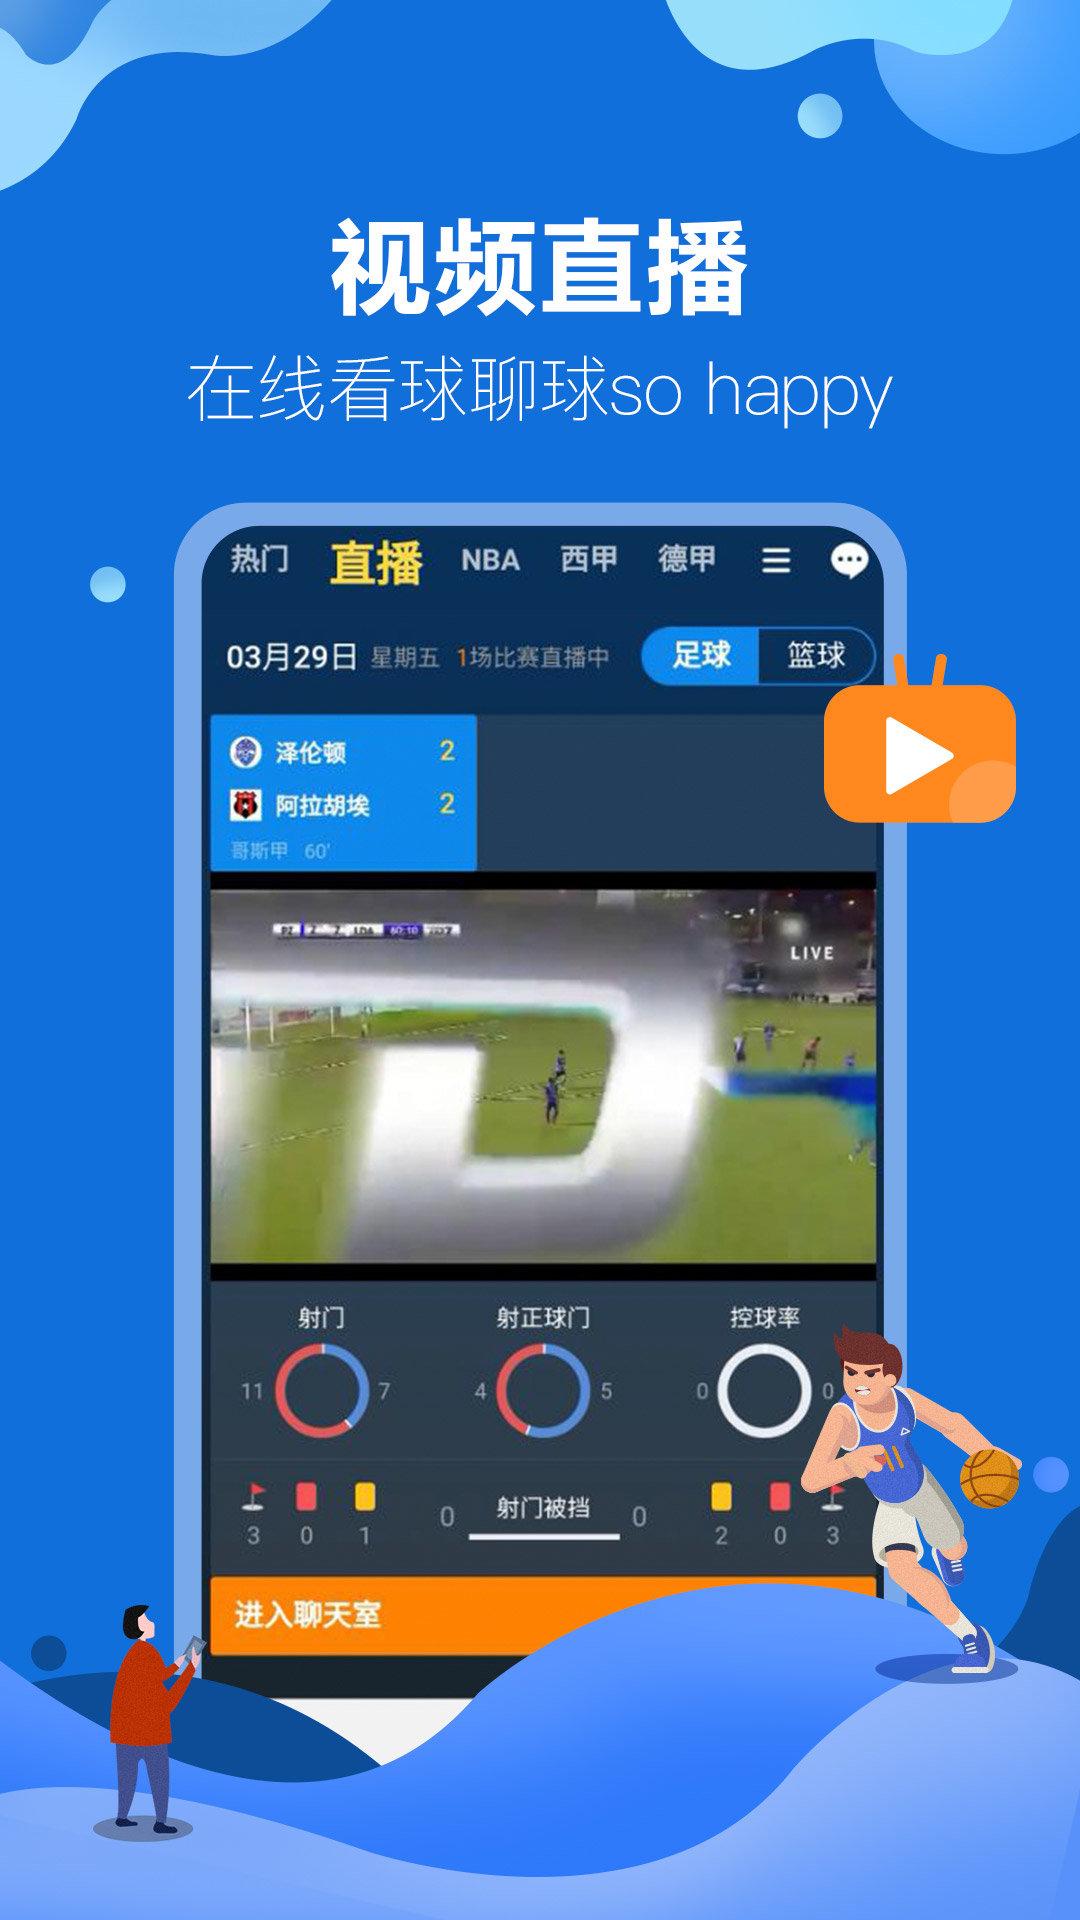 鳳凰彩票app介紹